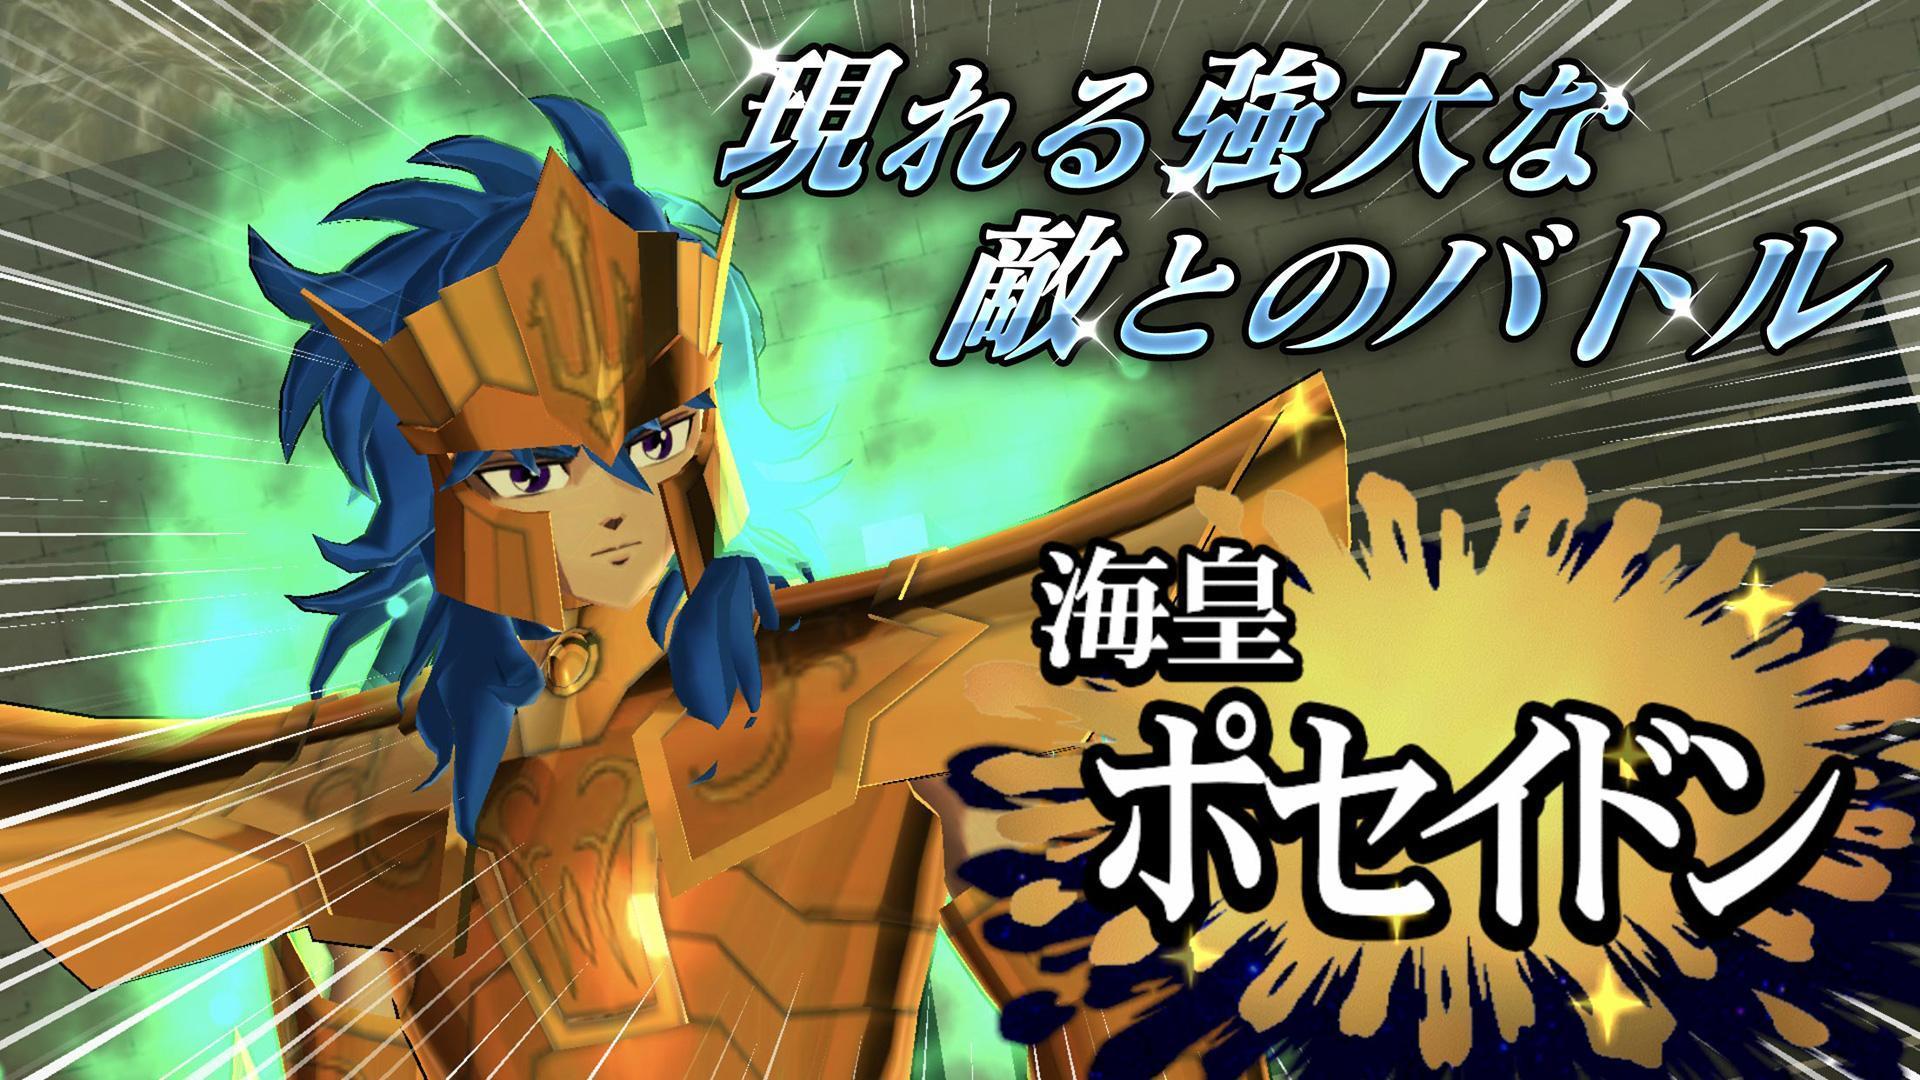 聖闘士星矢 ゾディアック ブレイブ For Android Apk Download